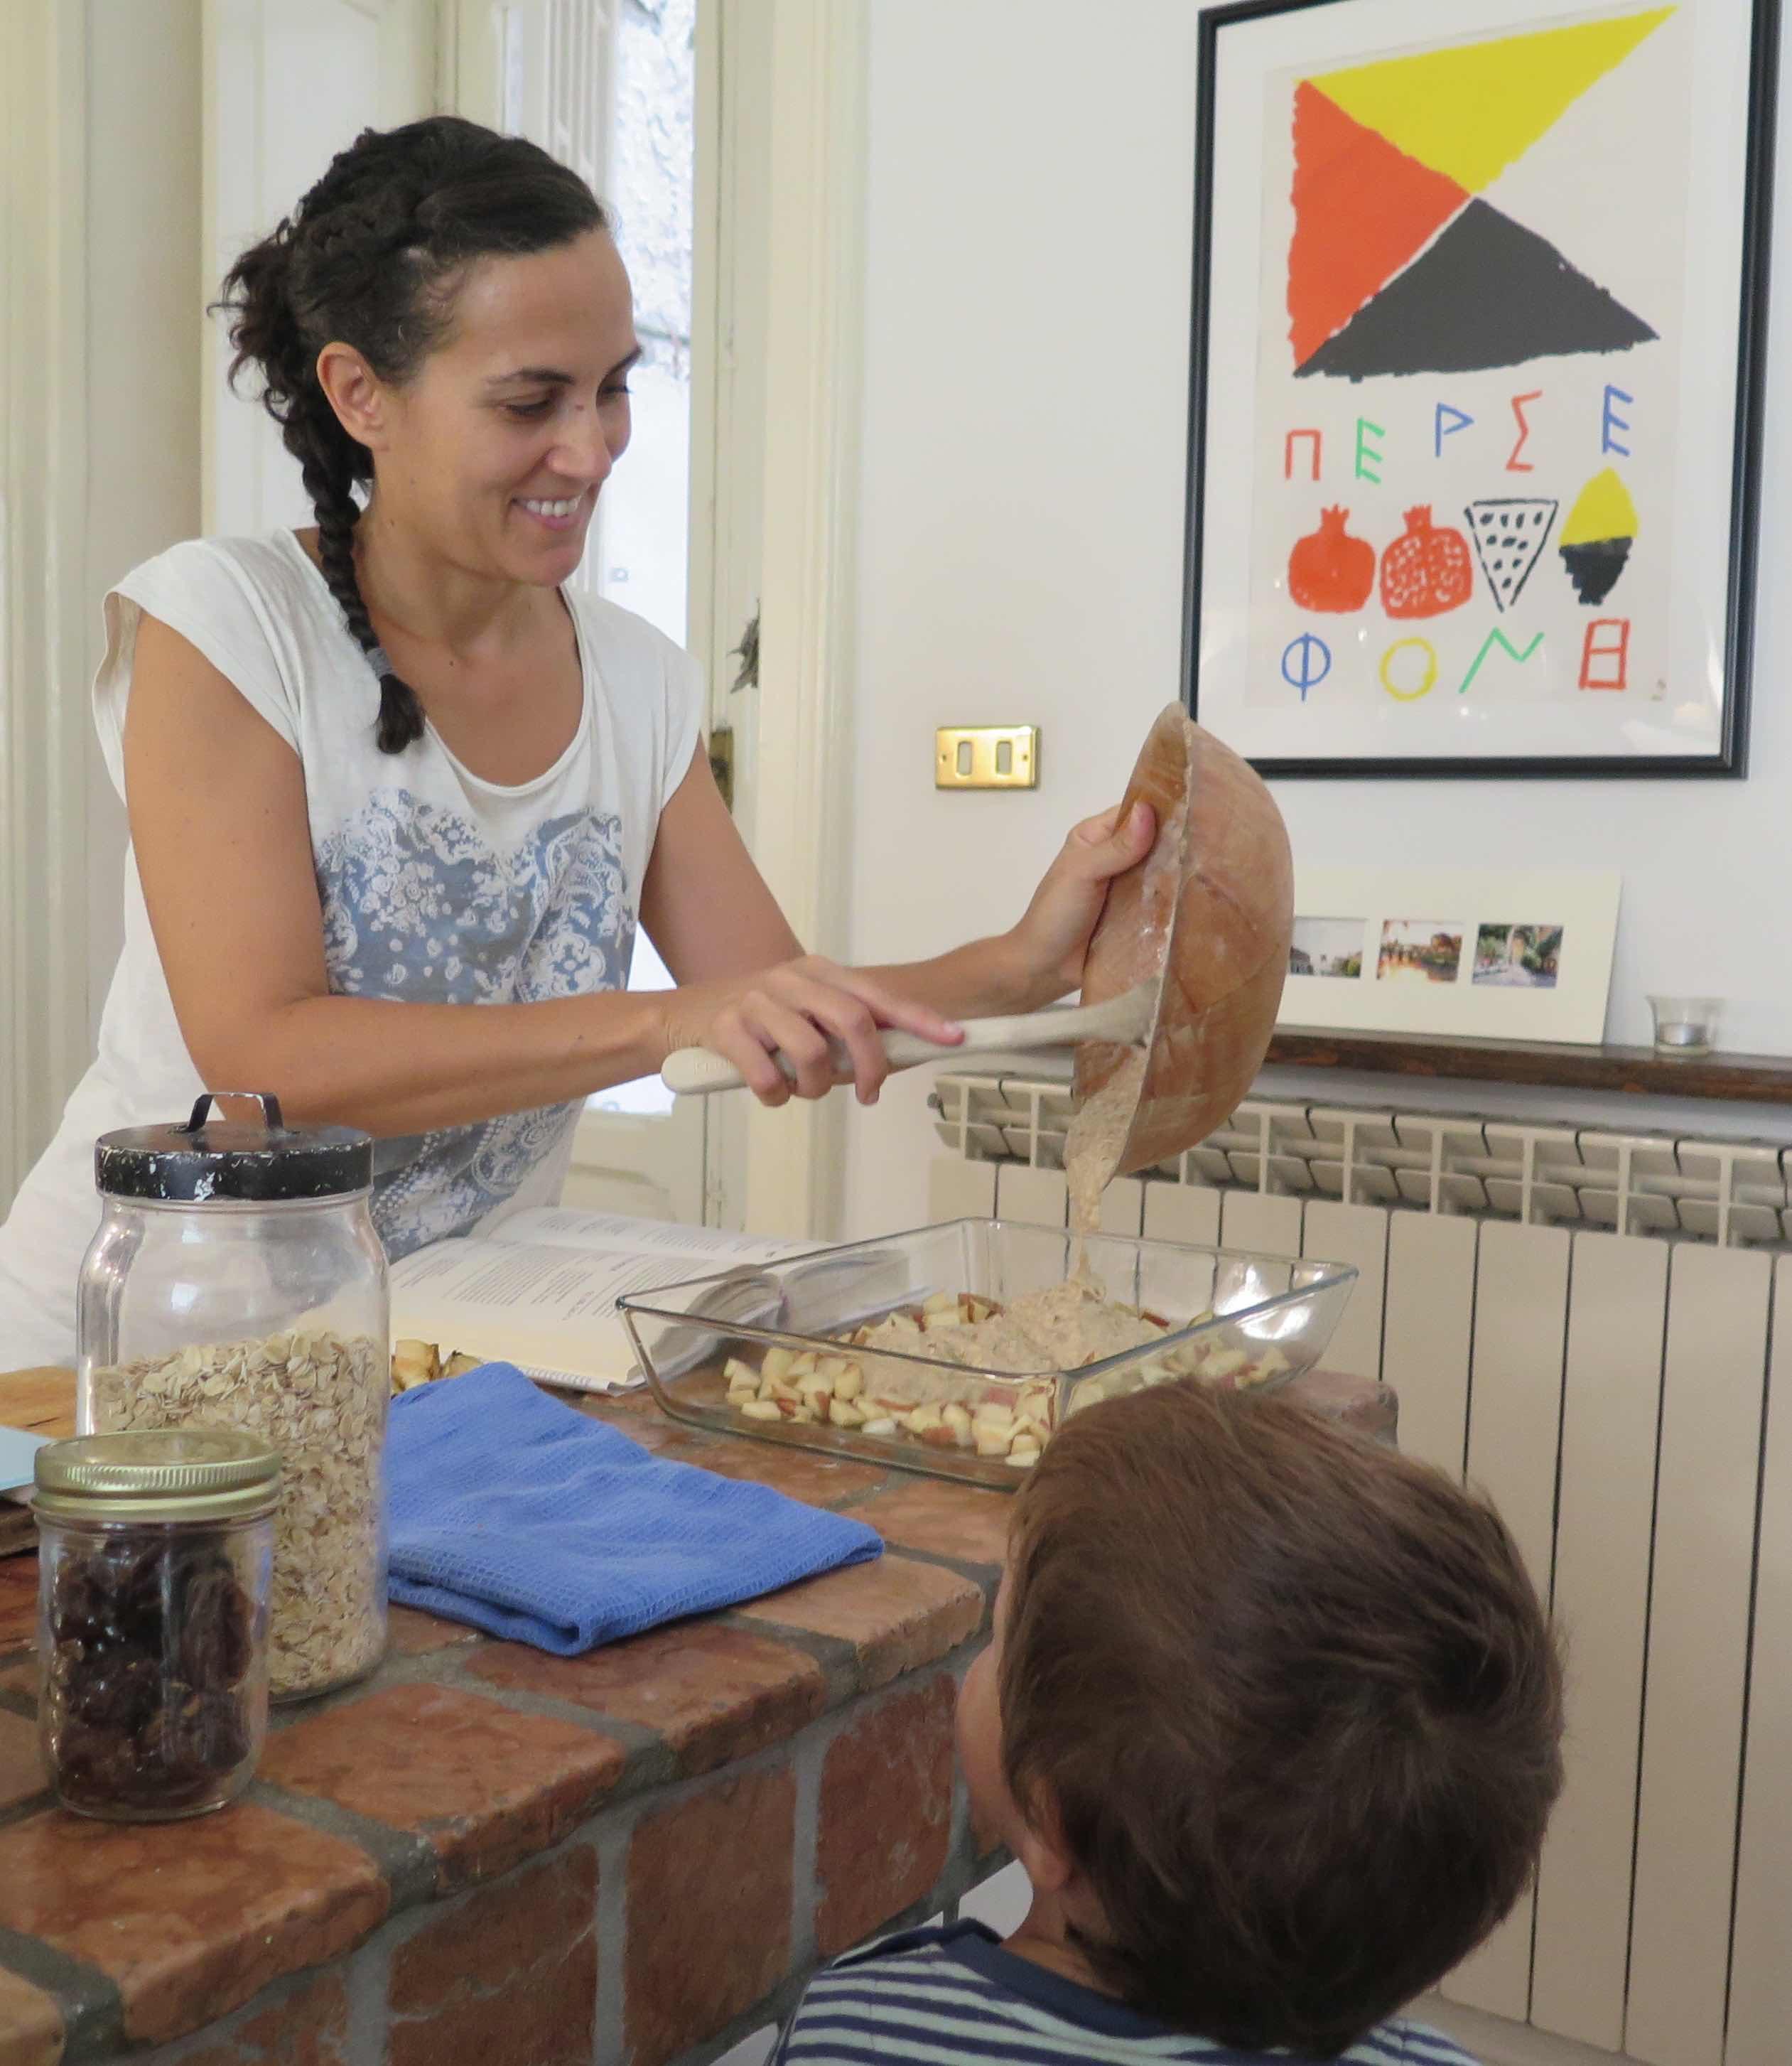 Marianna Mea di Rete Zero Waste ci racconta come ridurre il nostro impatto ambientale anche a casa.